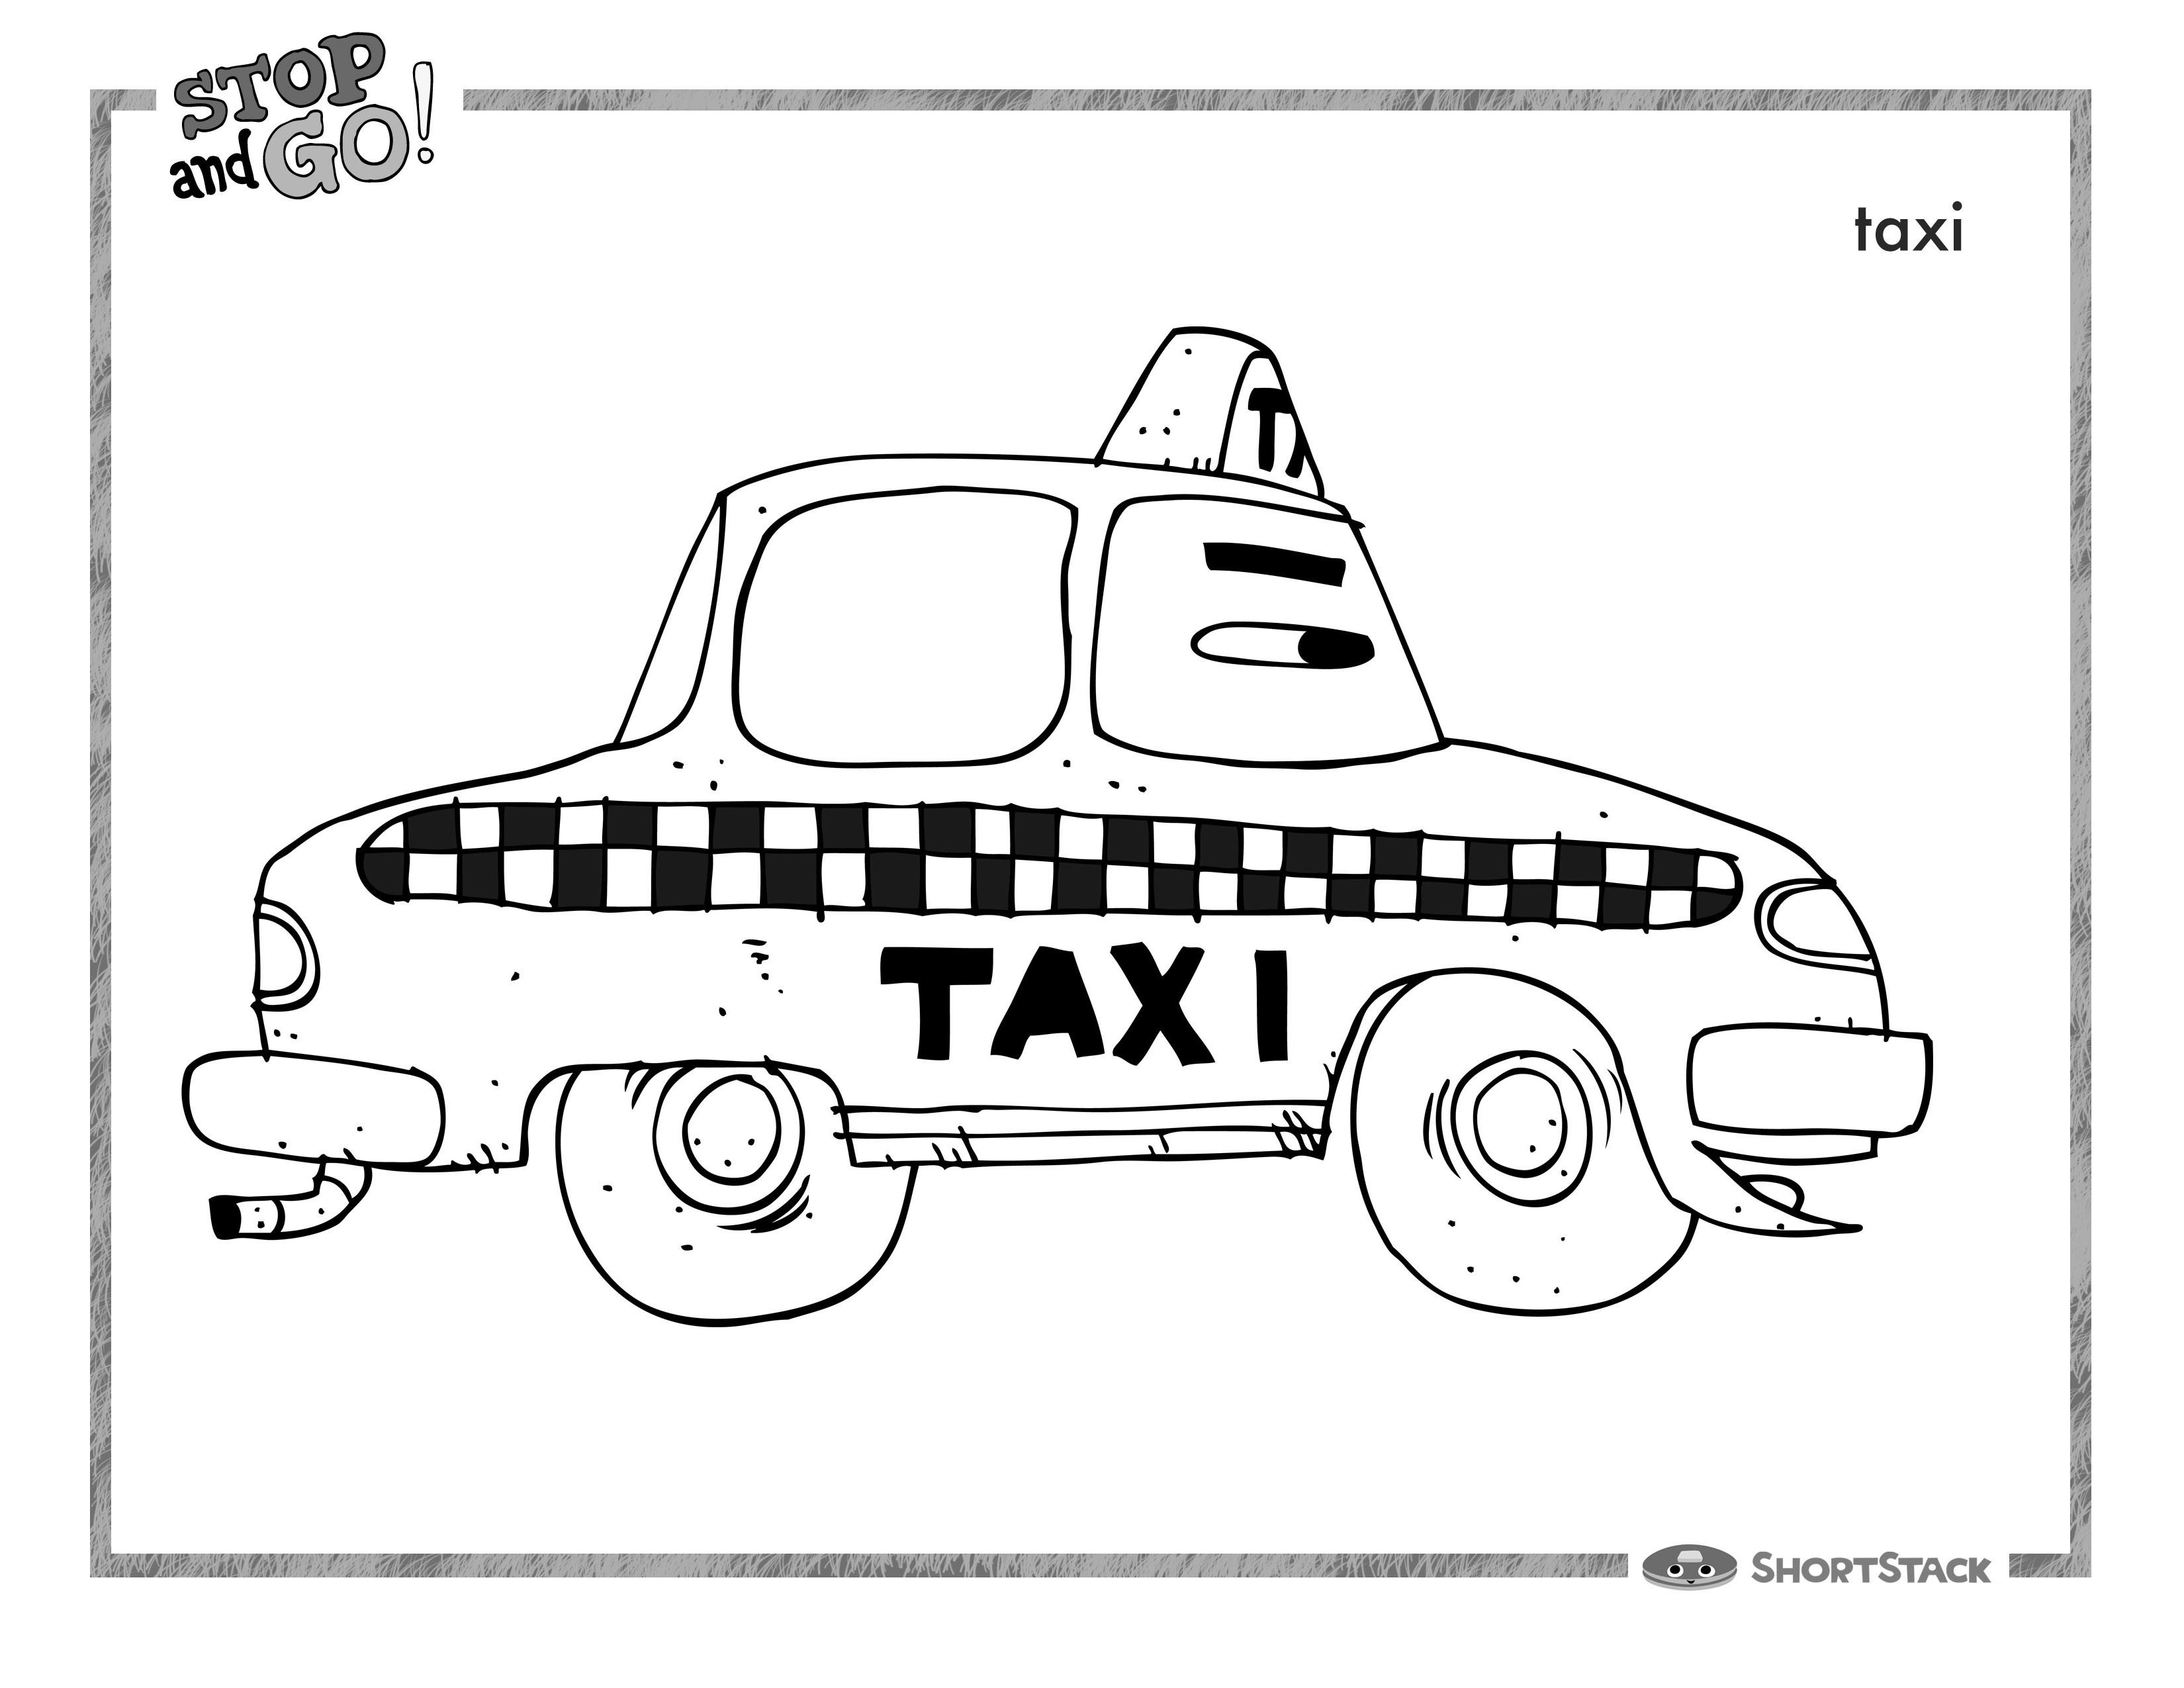 Coloriage Taxi #24 (Transport) - Coloriages à imprimer